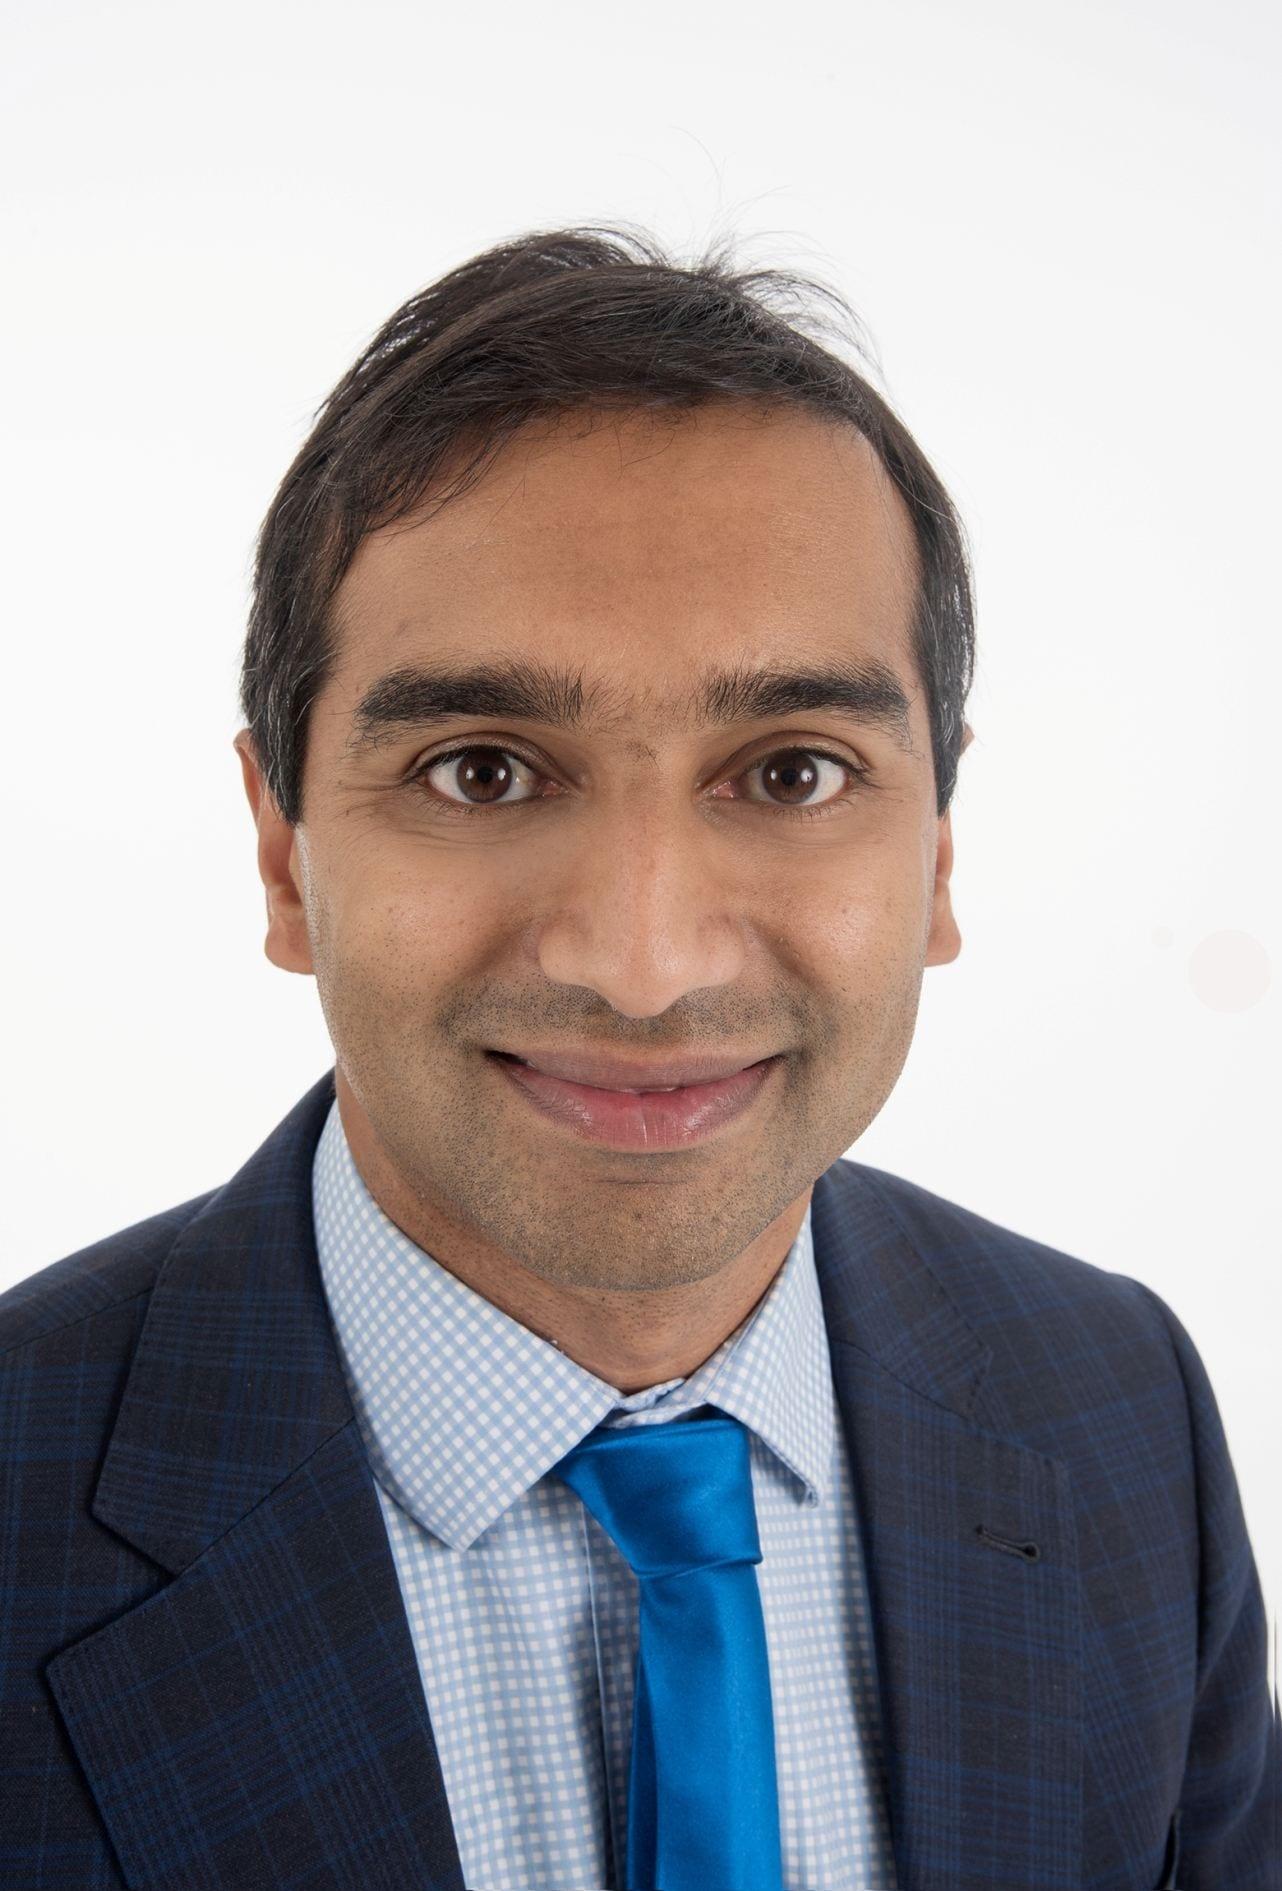 Dr Sanjeev Deva